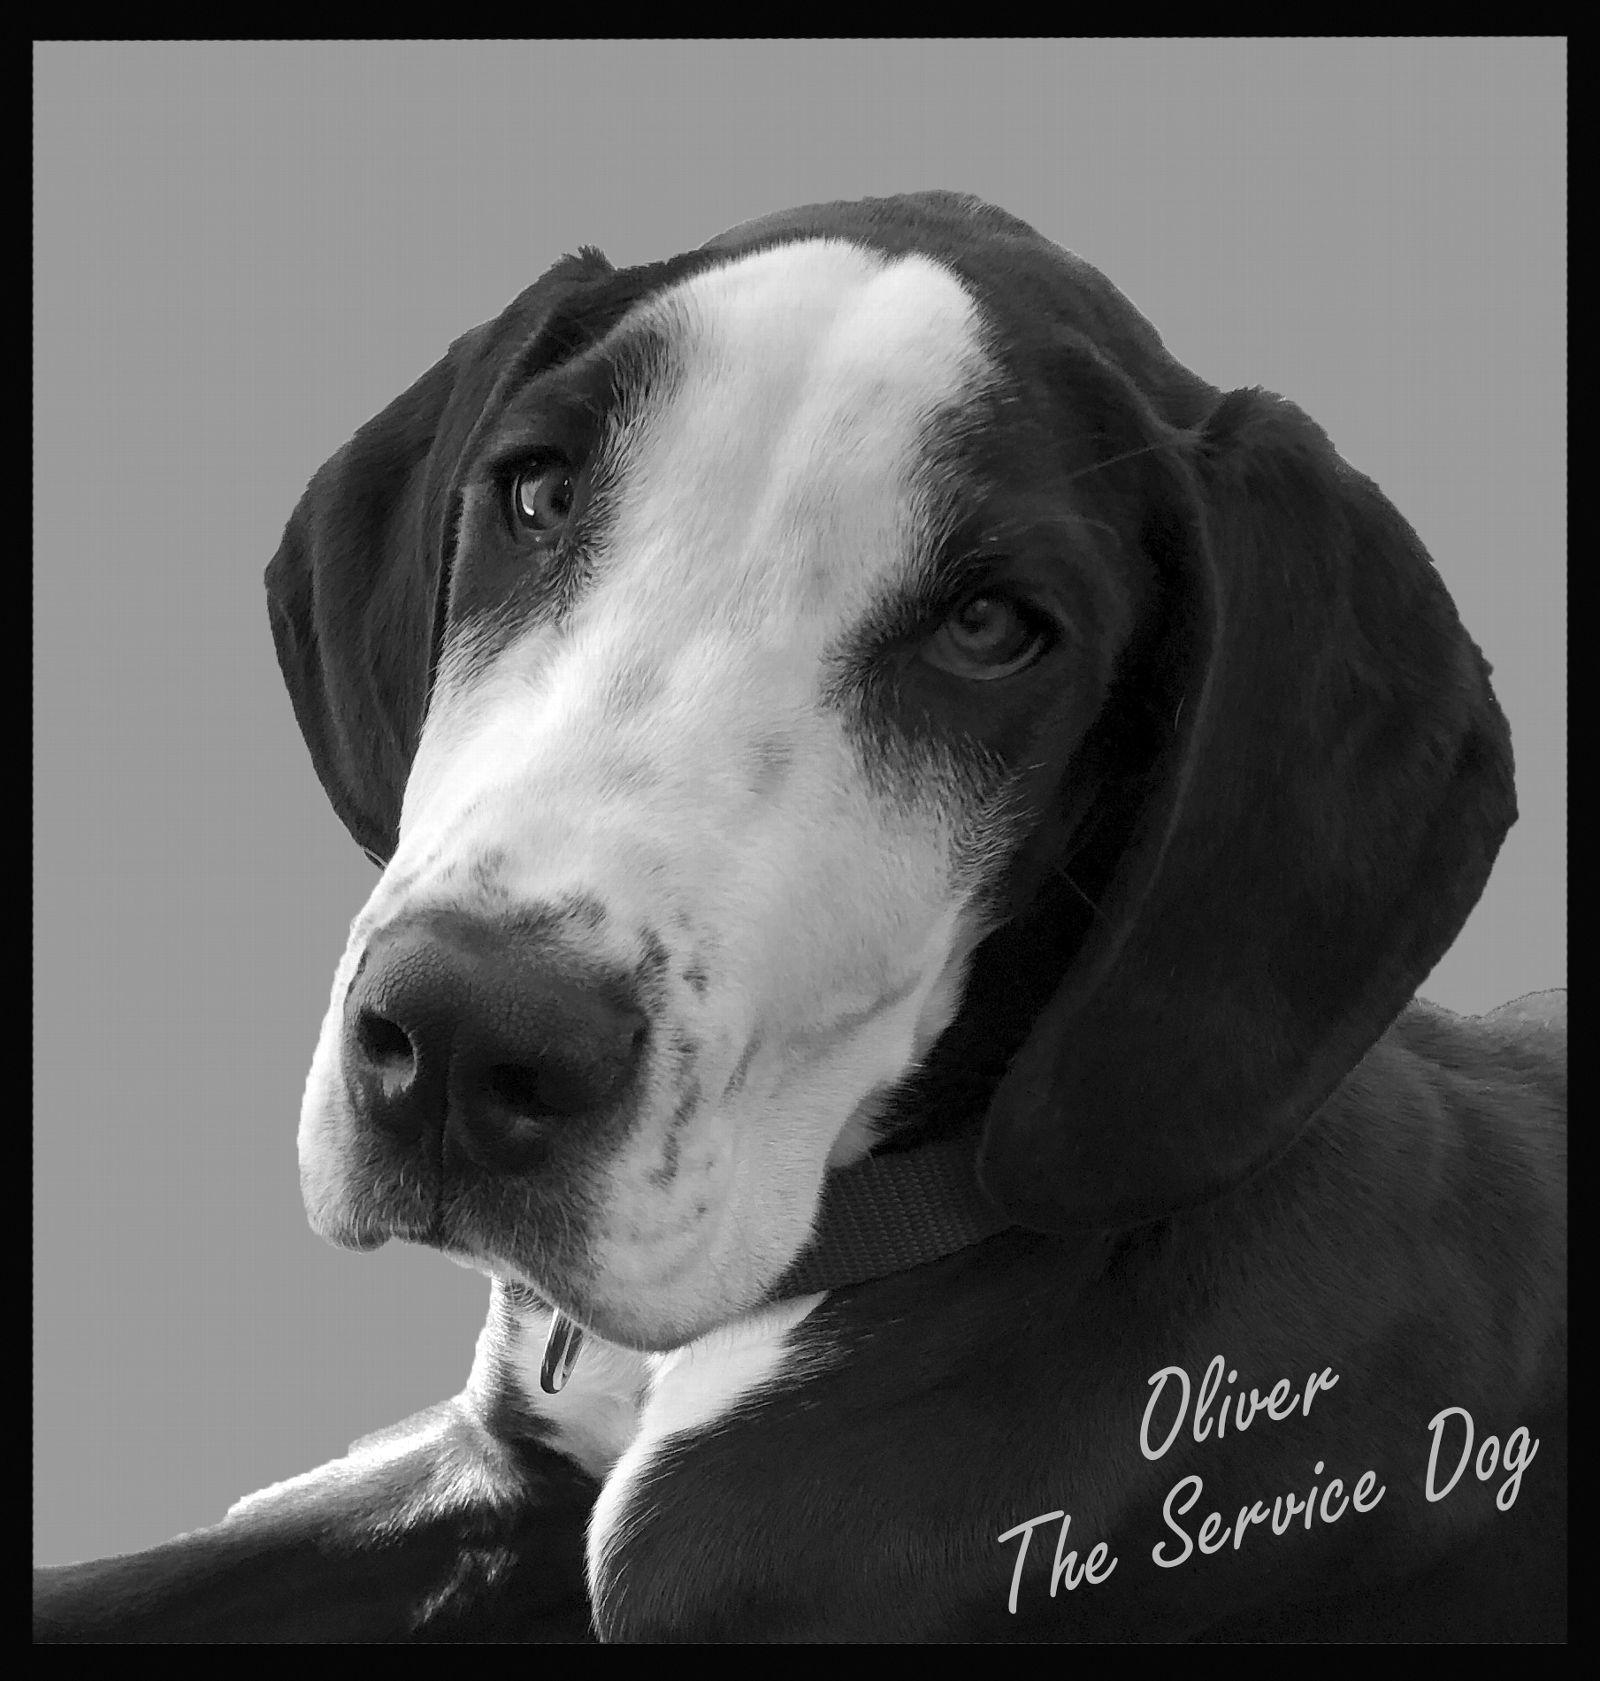 Oliver The Service Dog